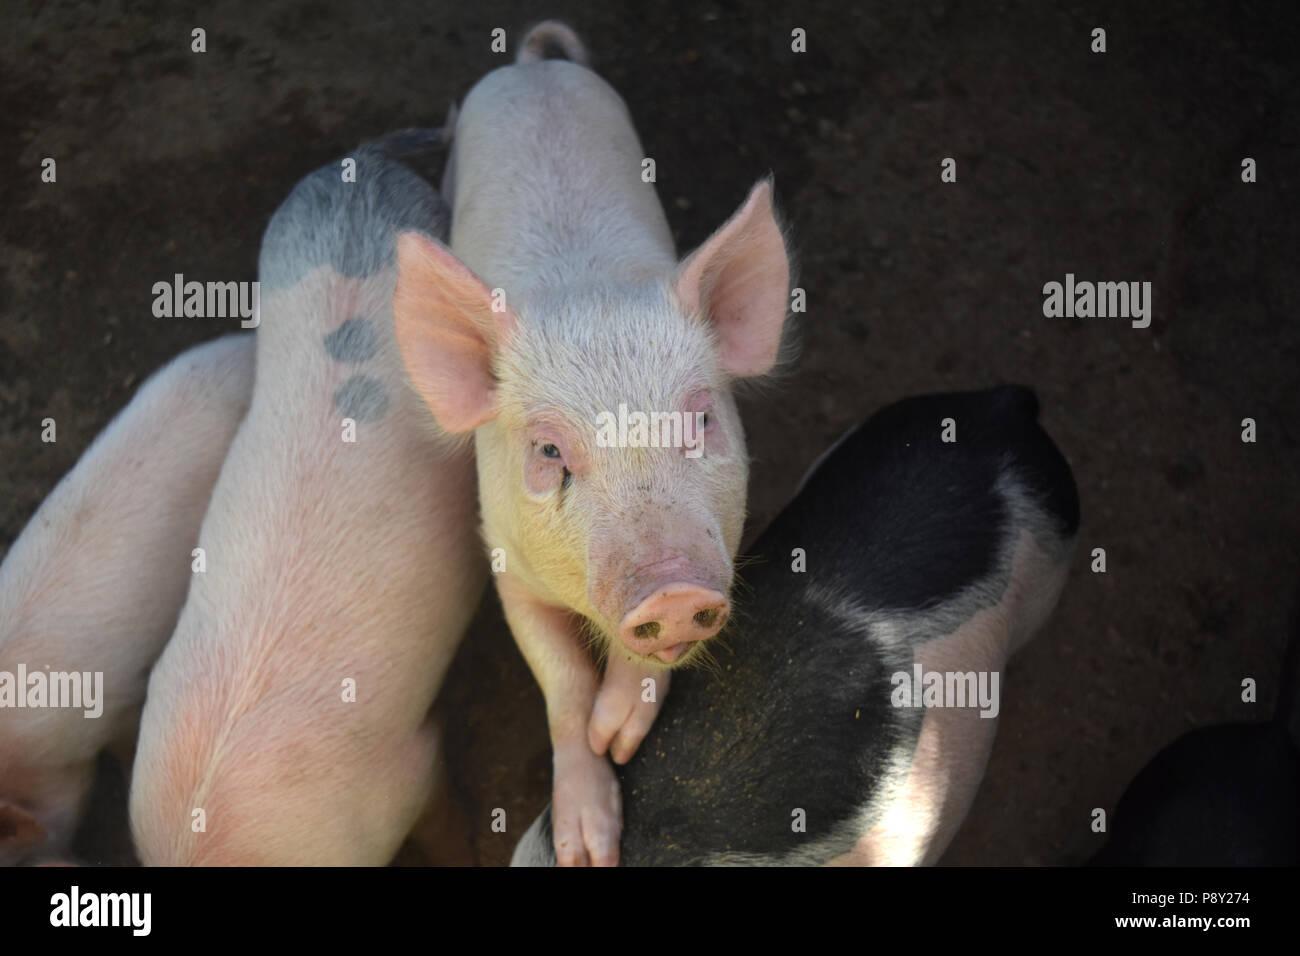 Un lindo piglet pisando a otros cerdos para llegar más alto. Imagen De Stock